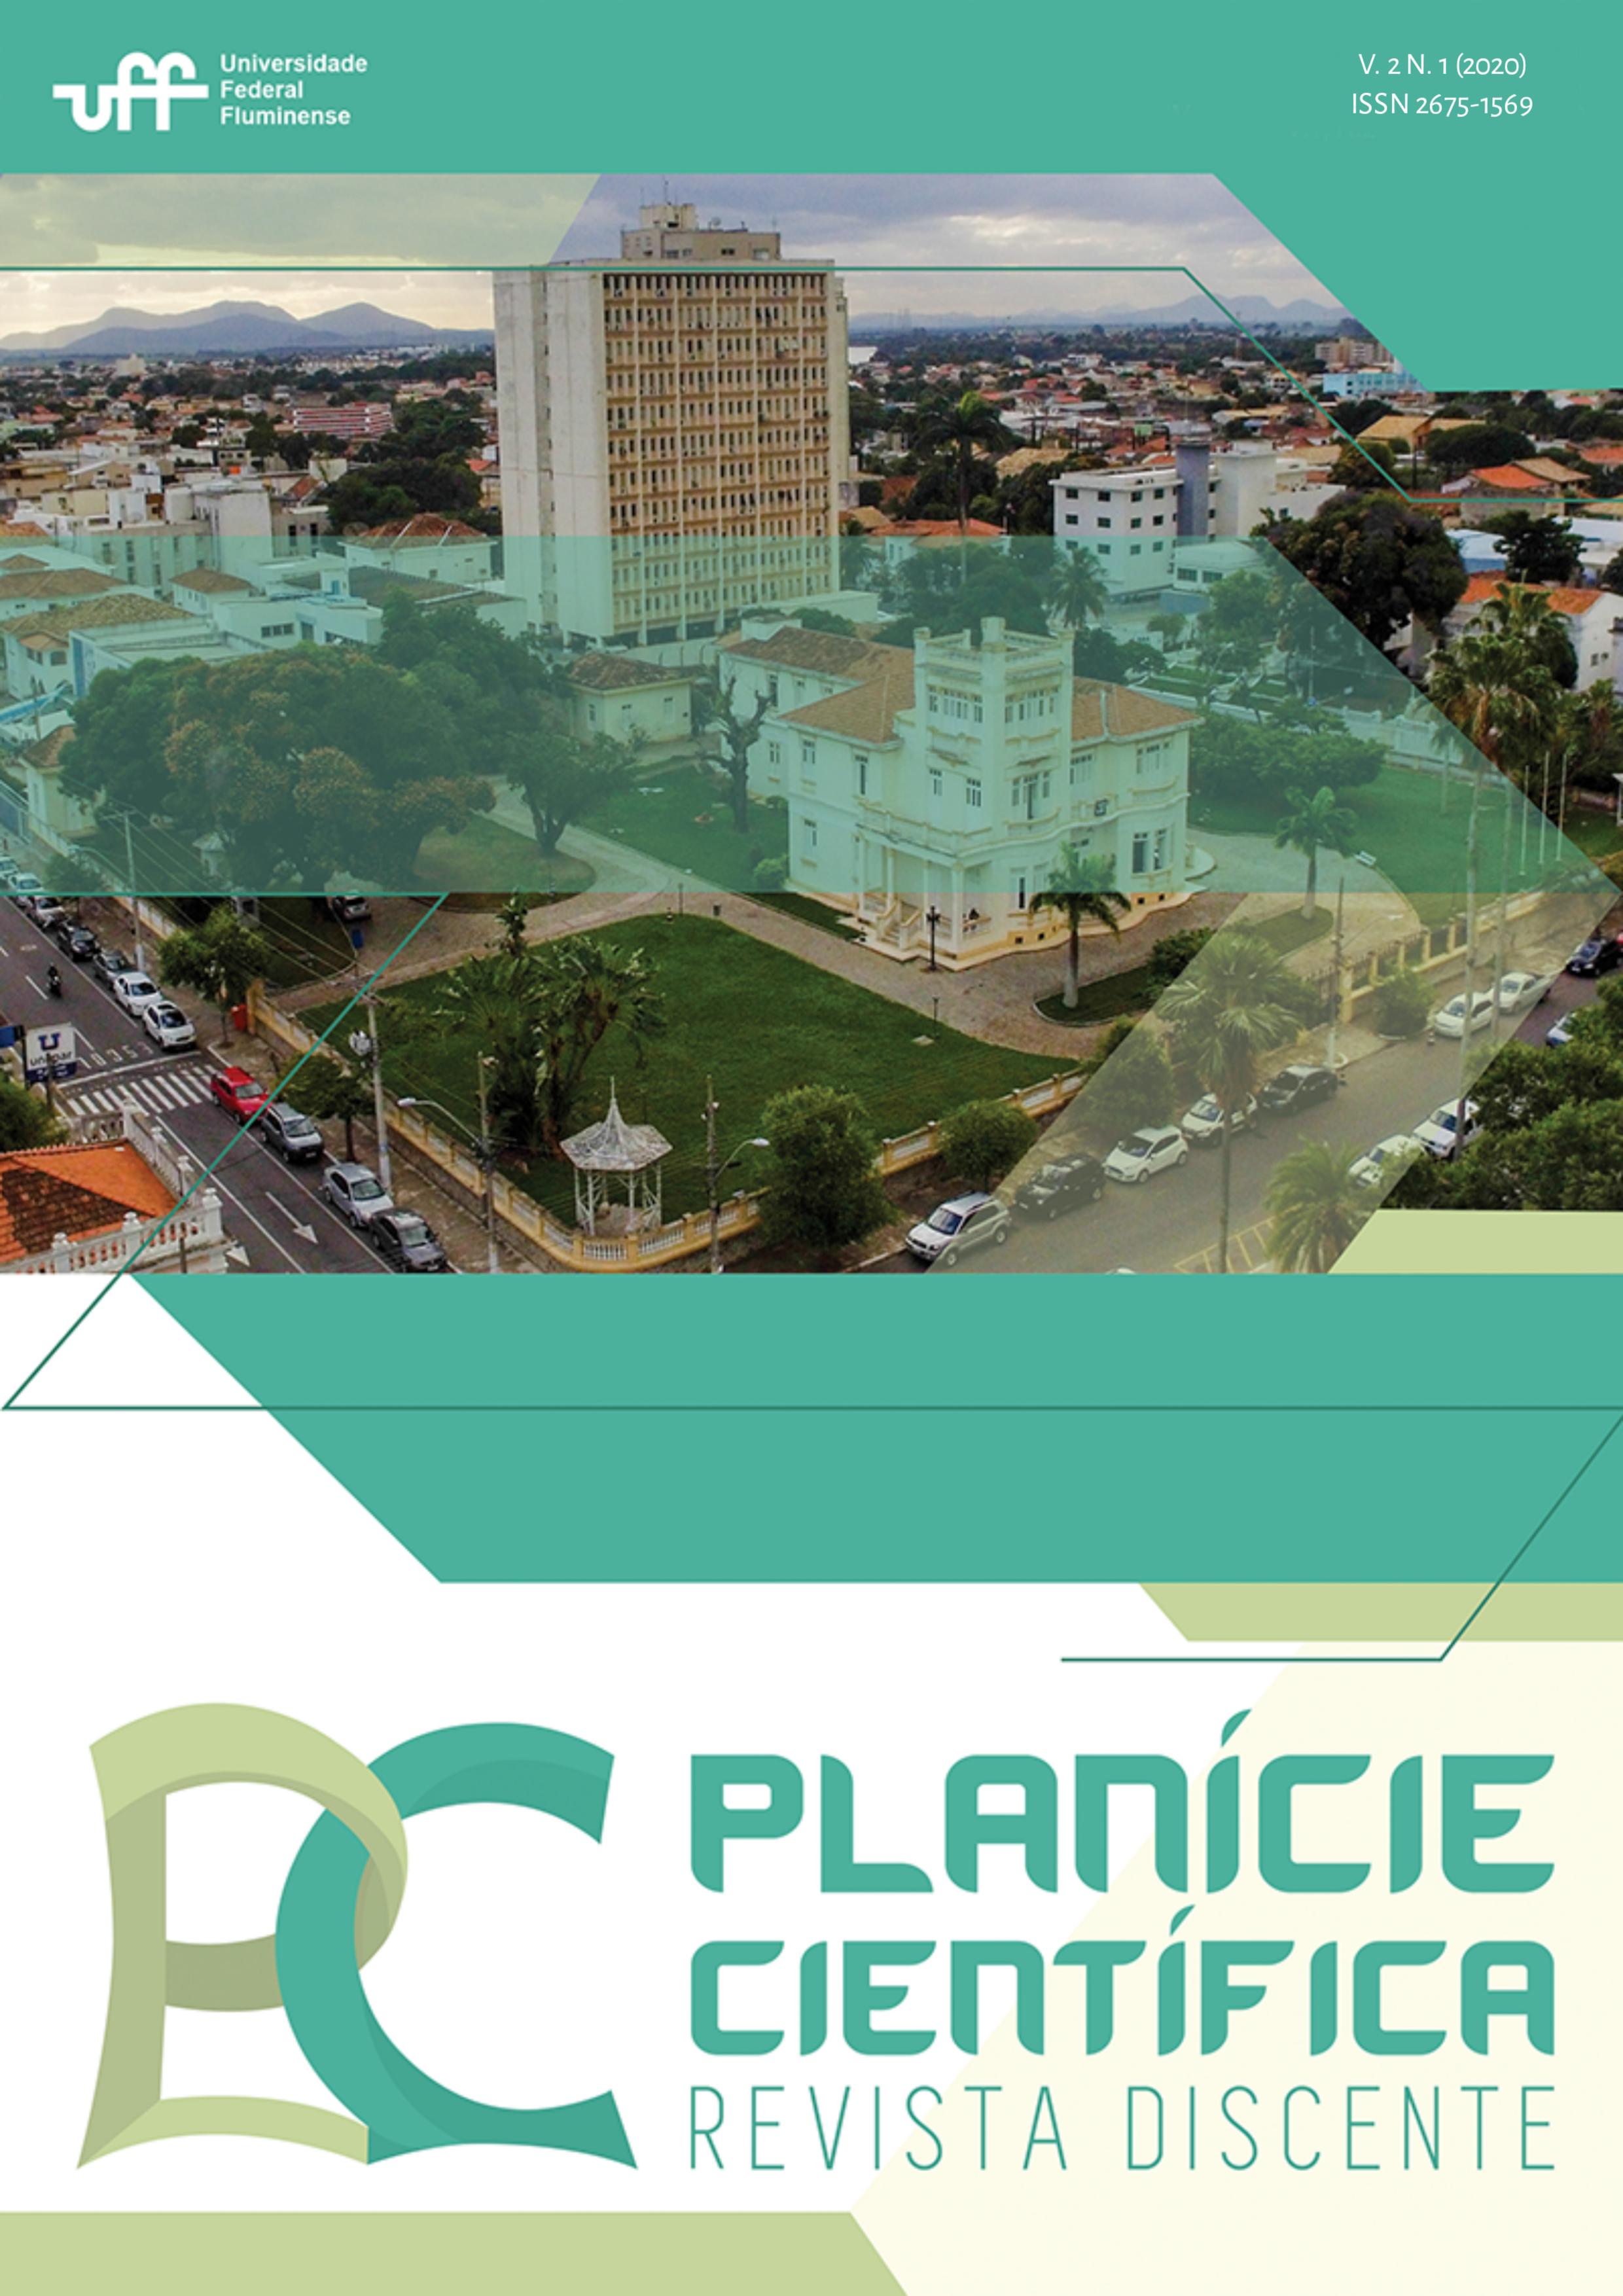 Visualizar v. 2 n. 1 (2020): Revista Discente Planície Científica